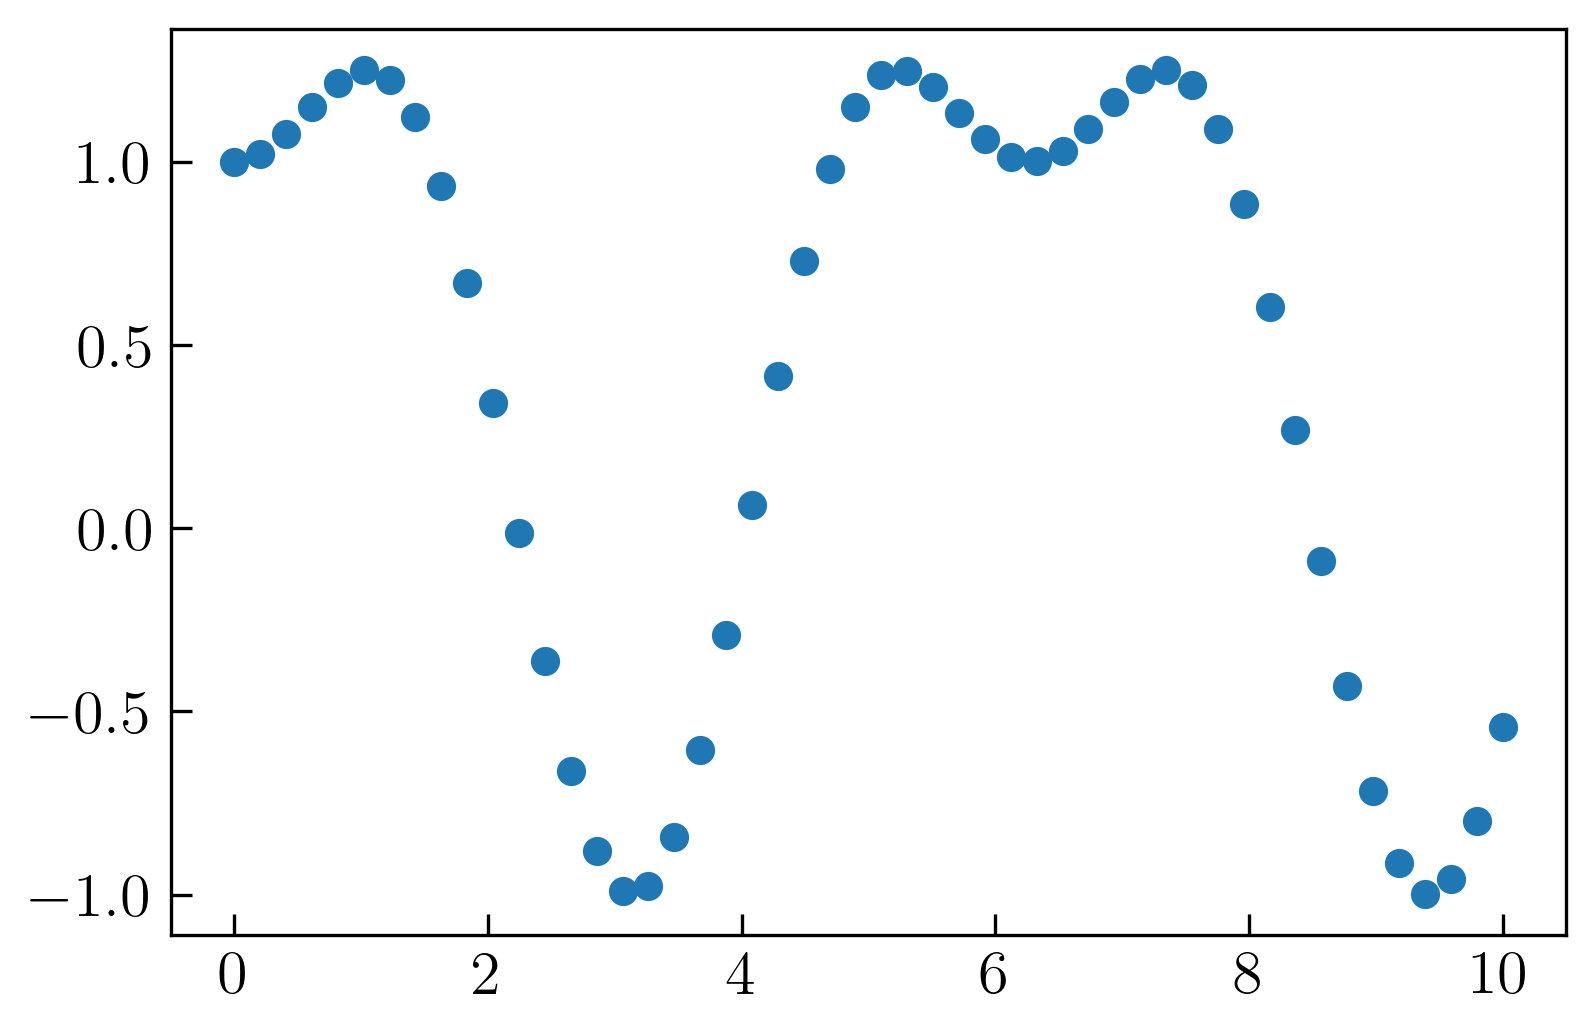 图3. Matplotlib中的默认散点图